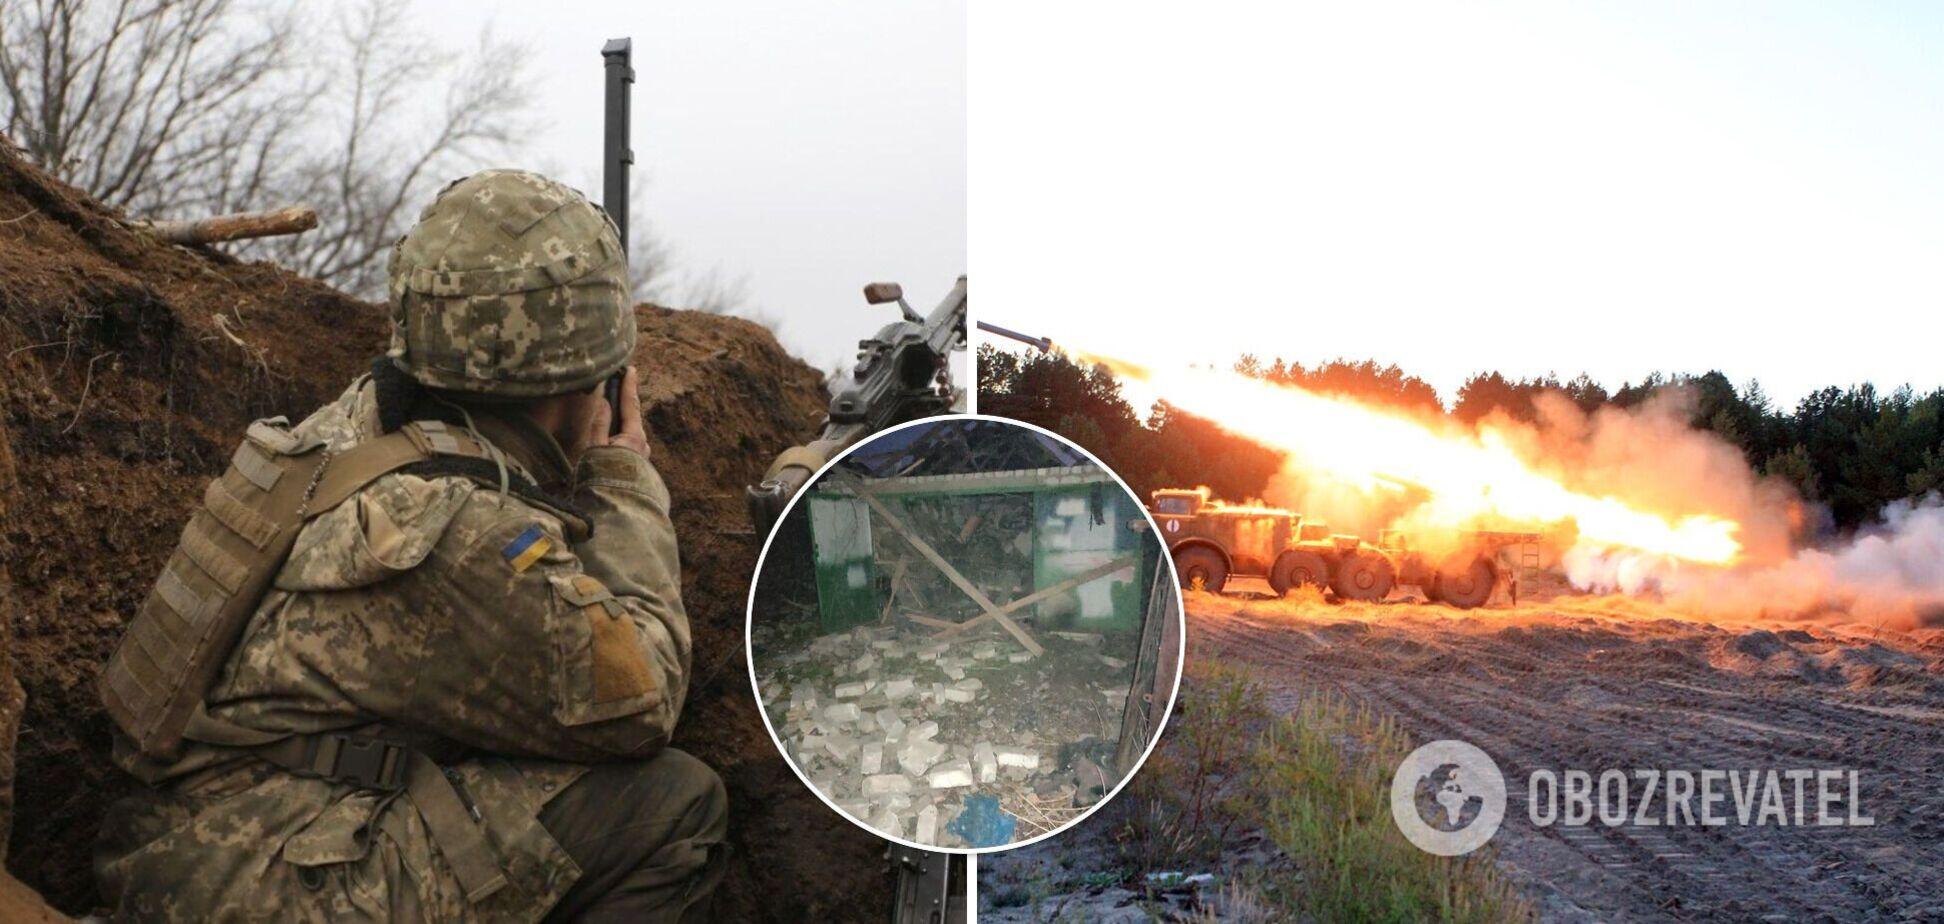 Окупанти обстріляли будинки мирних жителів на Донбасі: випустили близько 20 снарядів, є руйнування. Фото